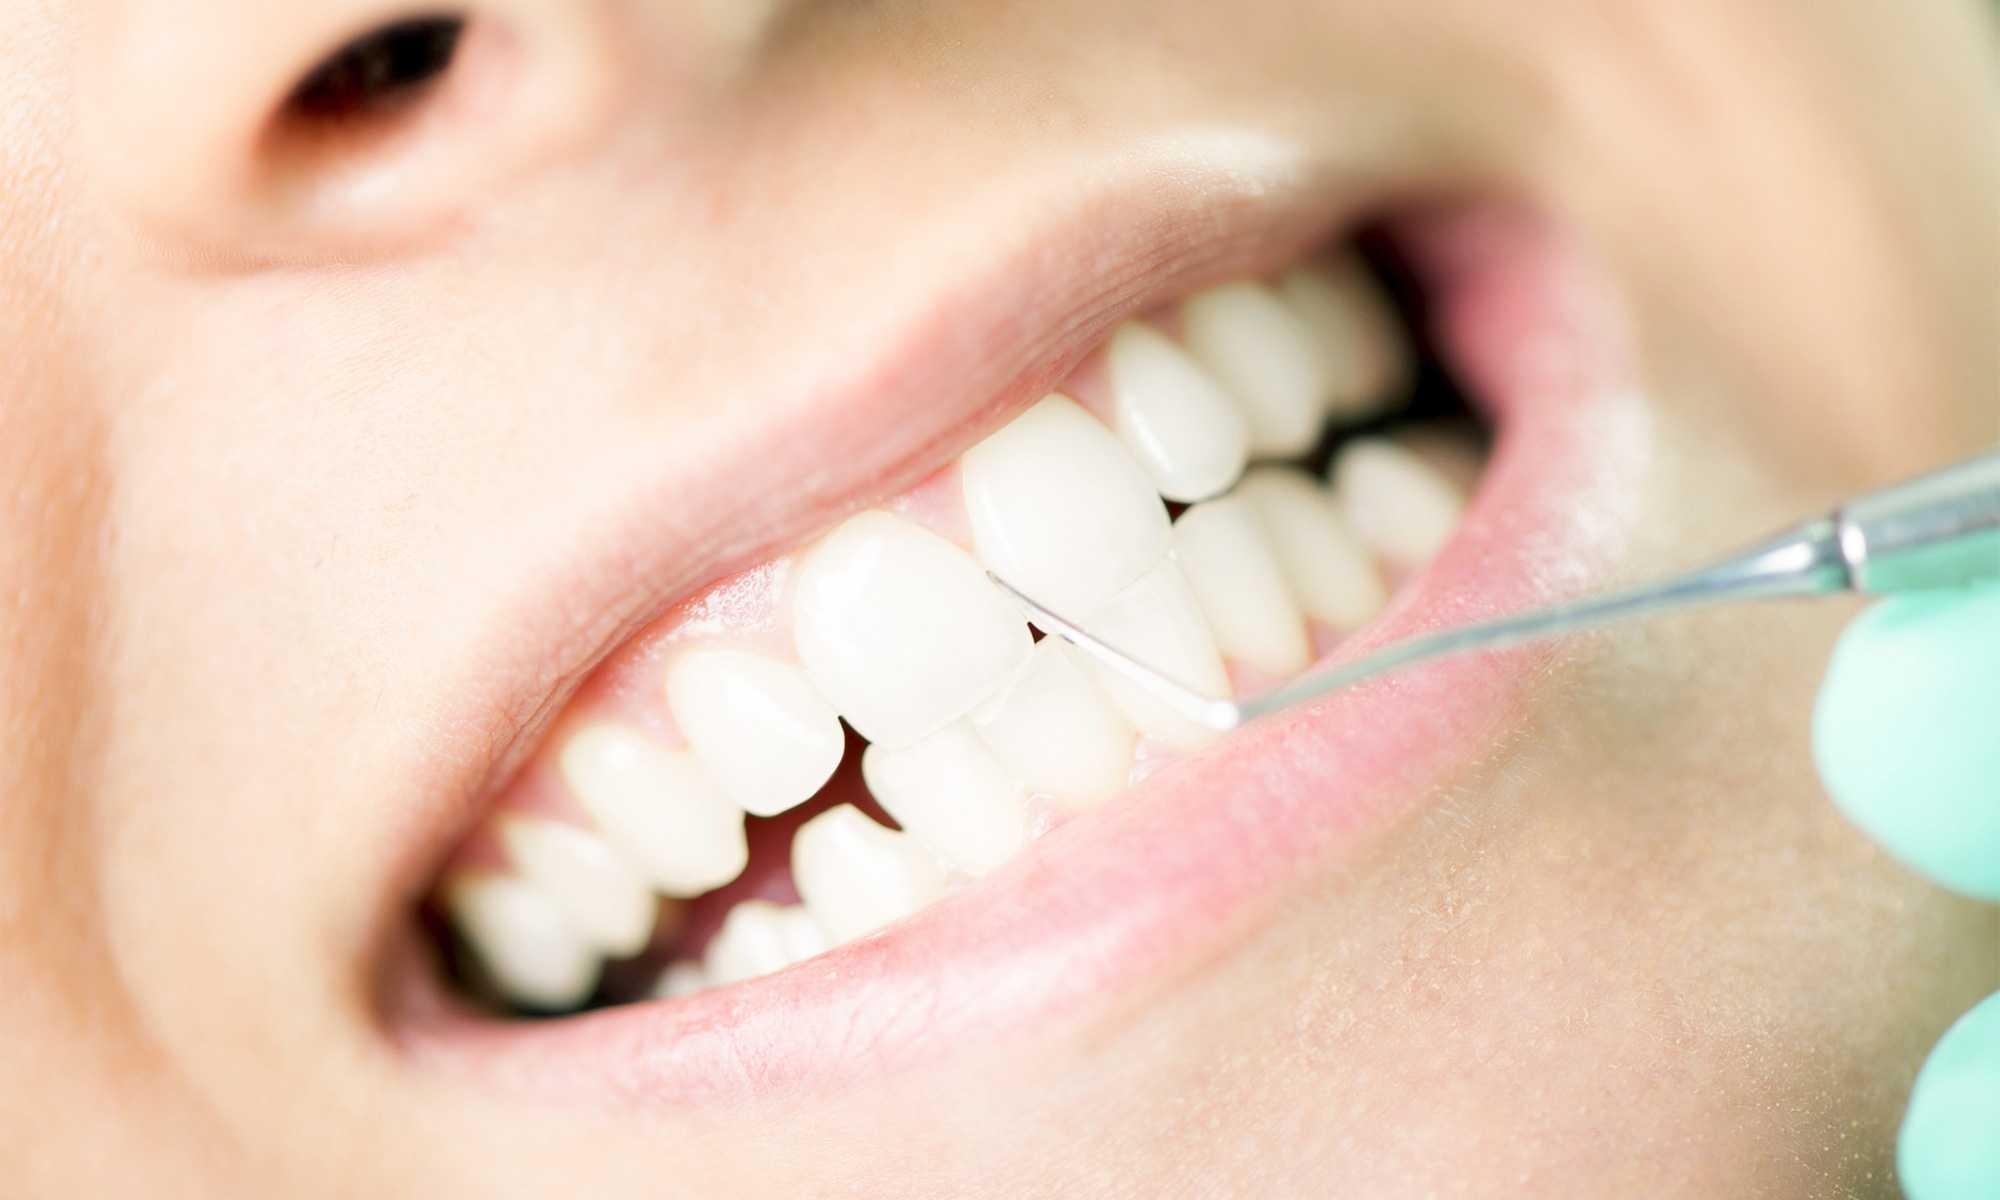 ODD-Professionelle-Zahnreinigung